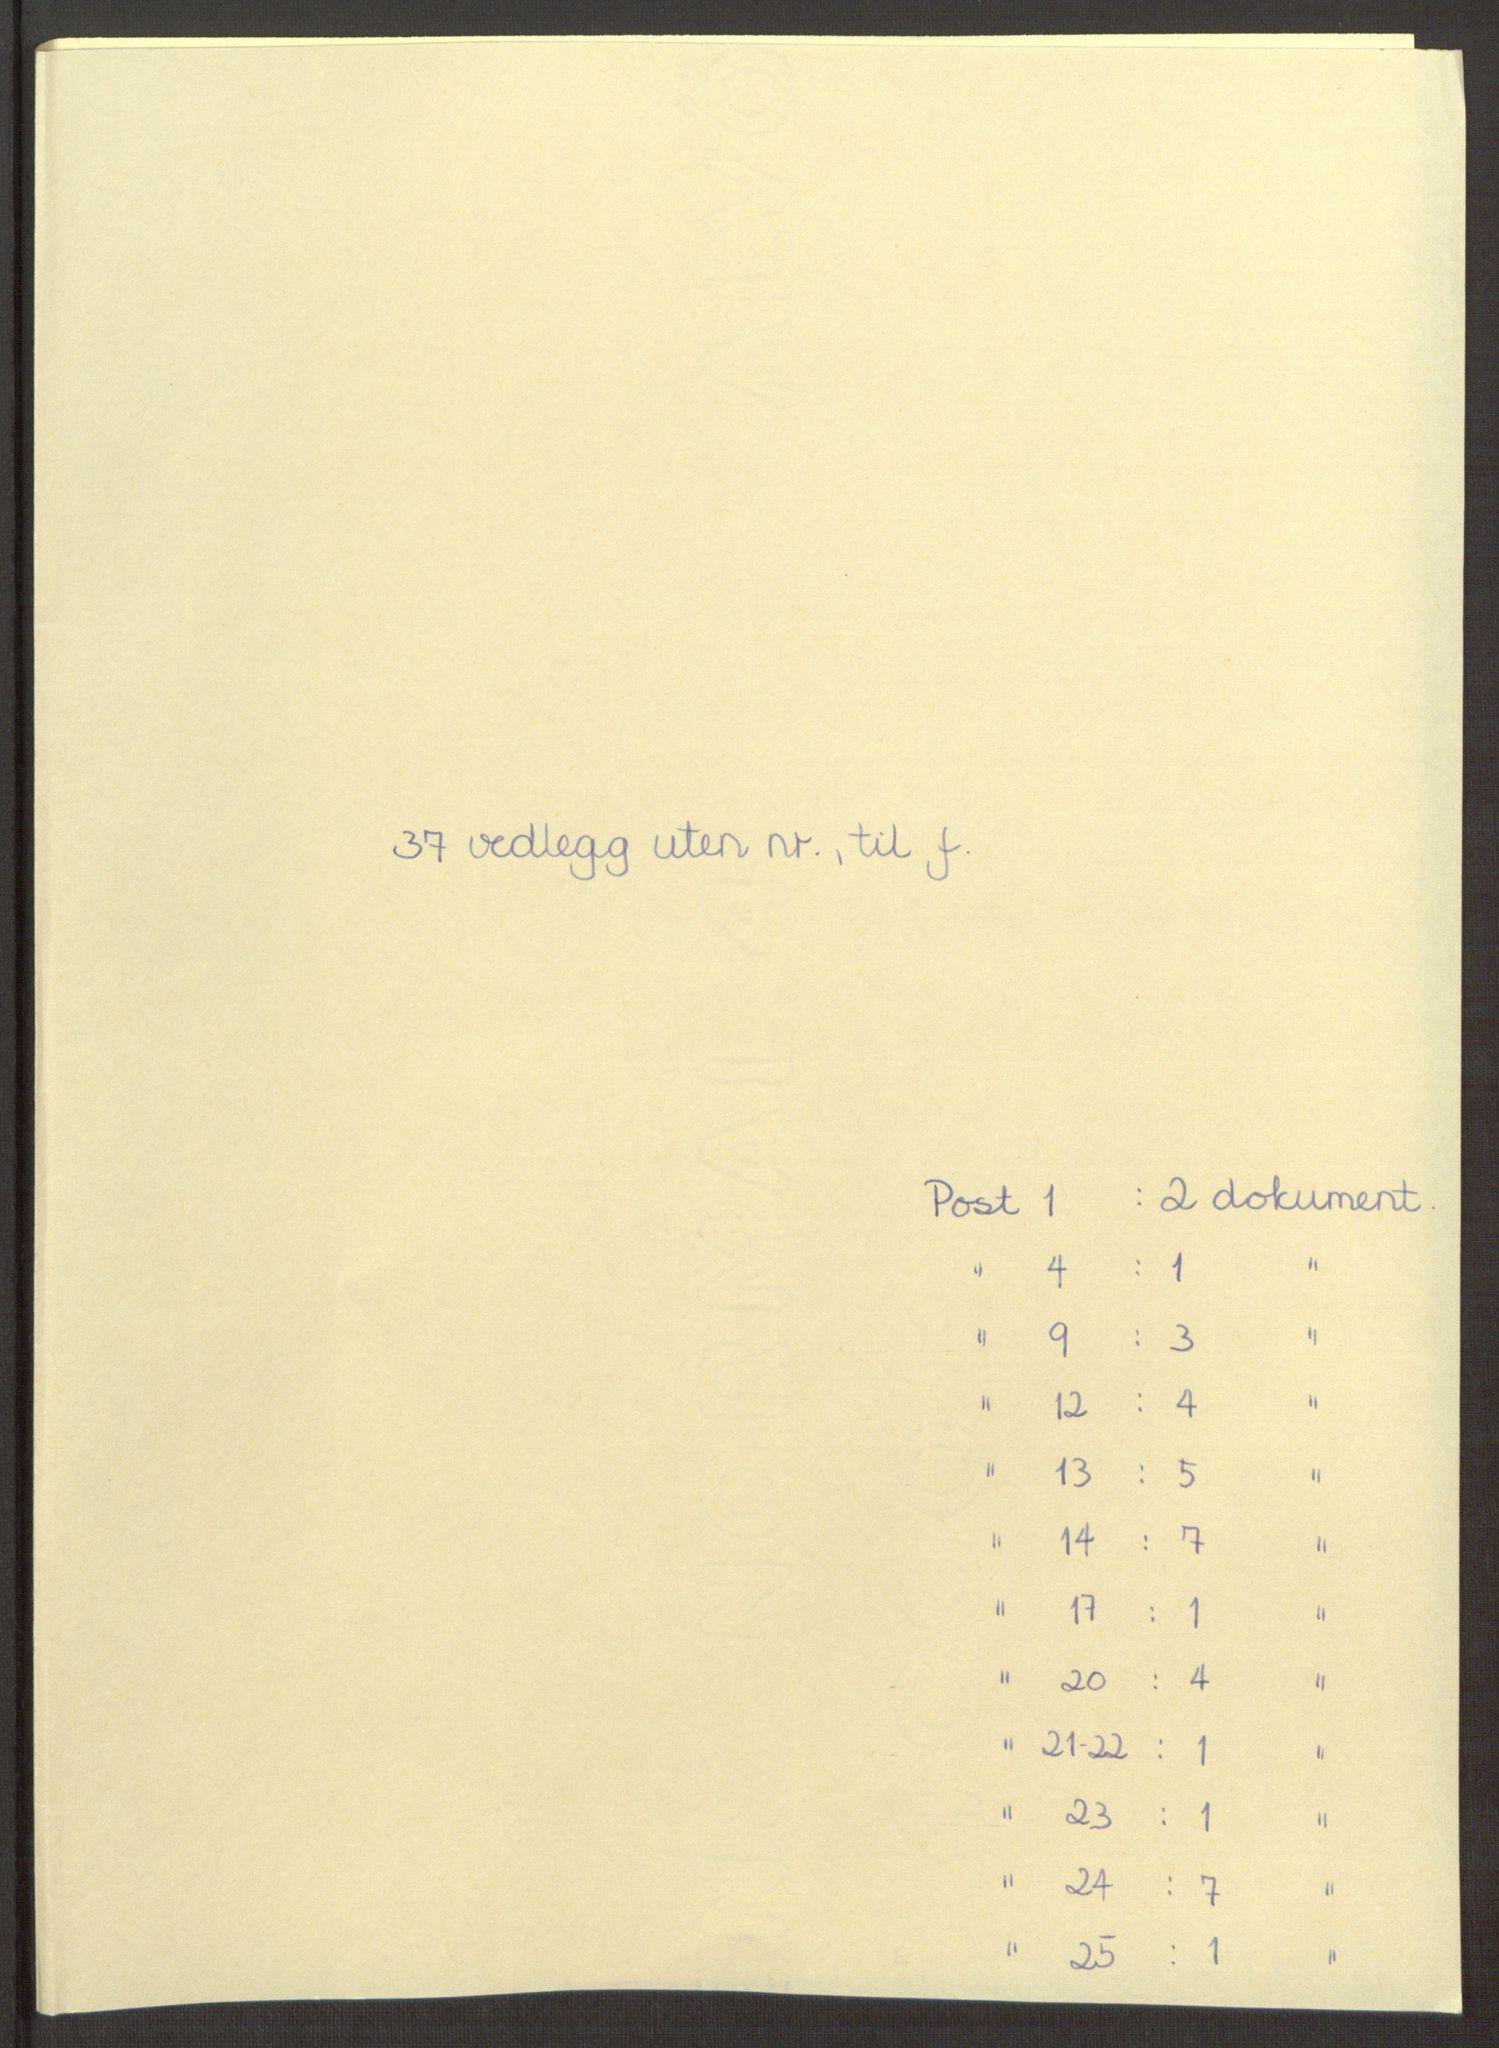 RA, Rentekammeret inntil 1814, Reviderte regnskaper, Fogderegnskap, R35/L2062: Fogderegnskap Øvre og Nedre Telemark, 1674, s. 238